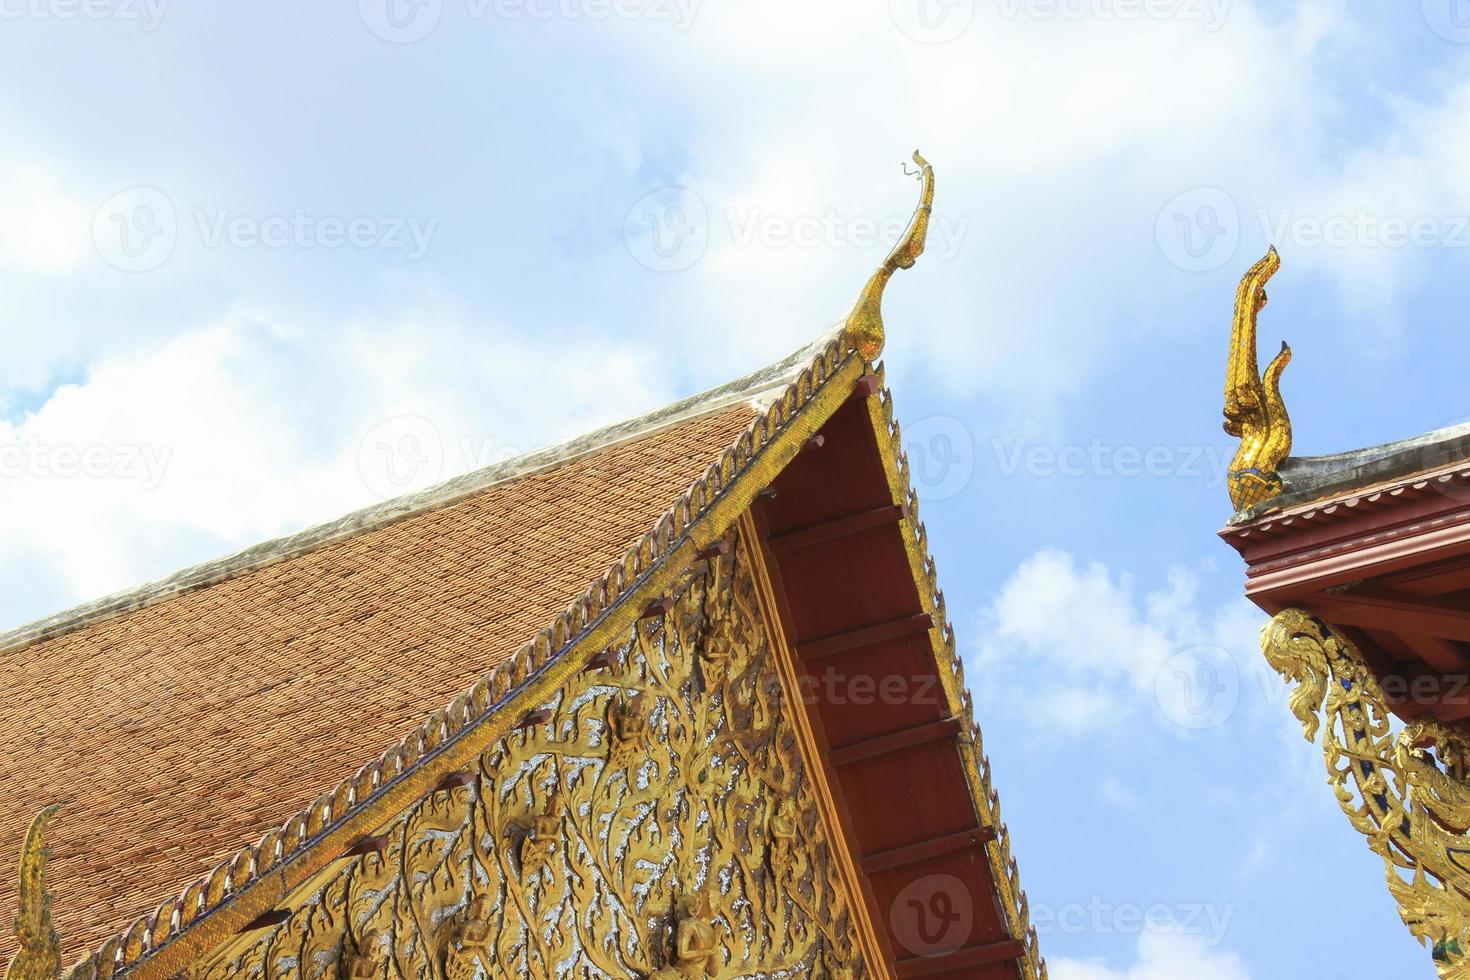 techo del templo tailandés foto